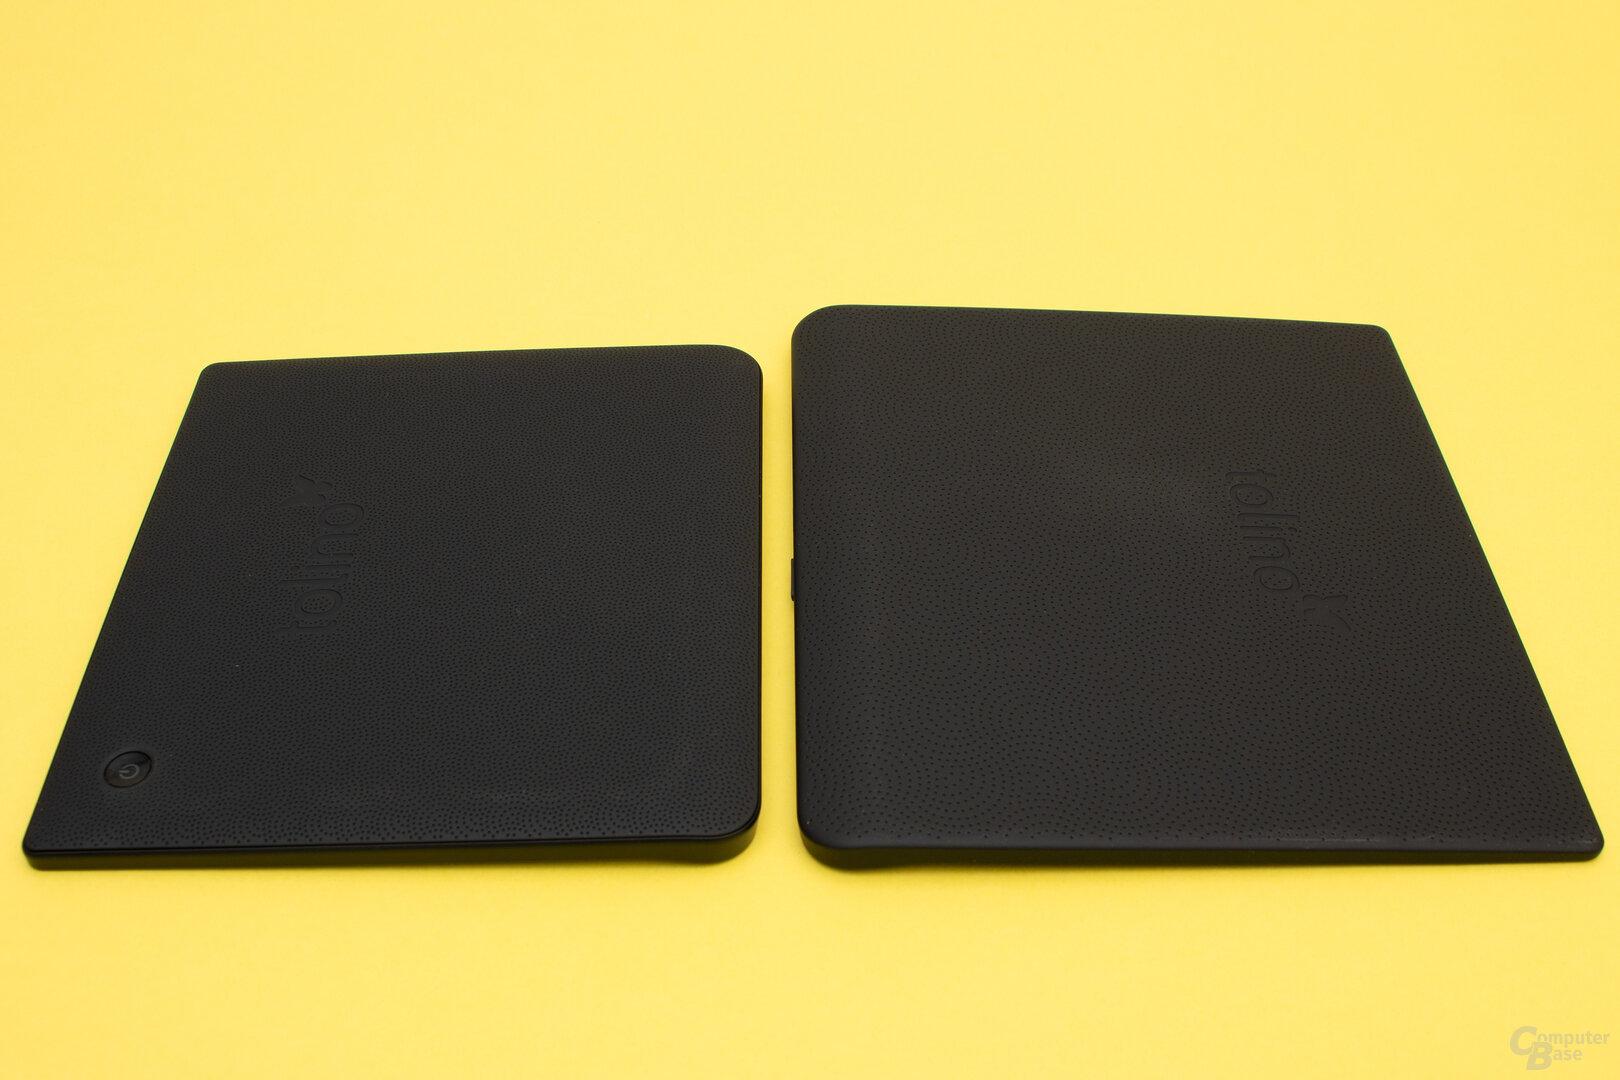 Der Epos 2 und der Vision 5 besitzen eine gummierte Rückseite